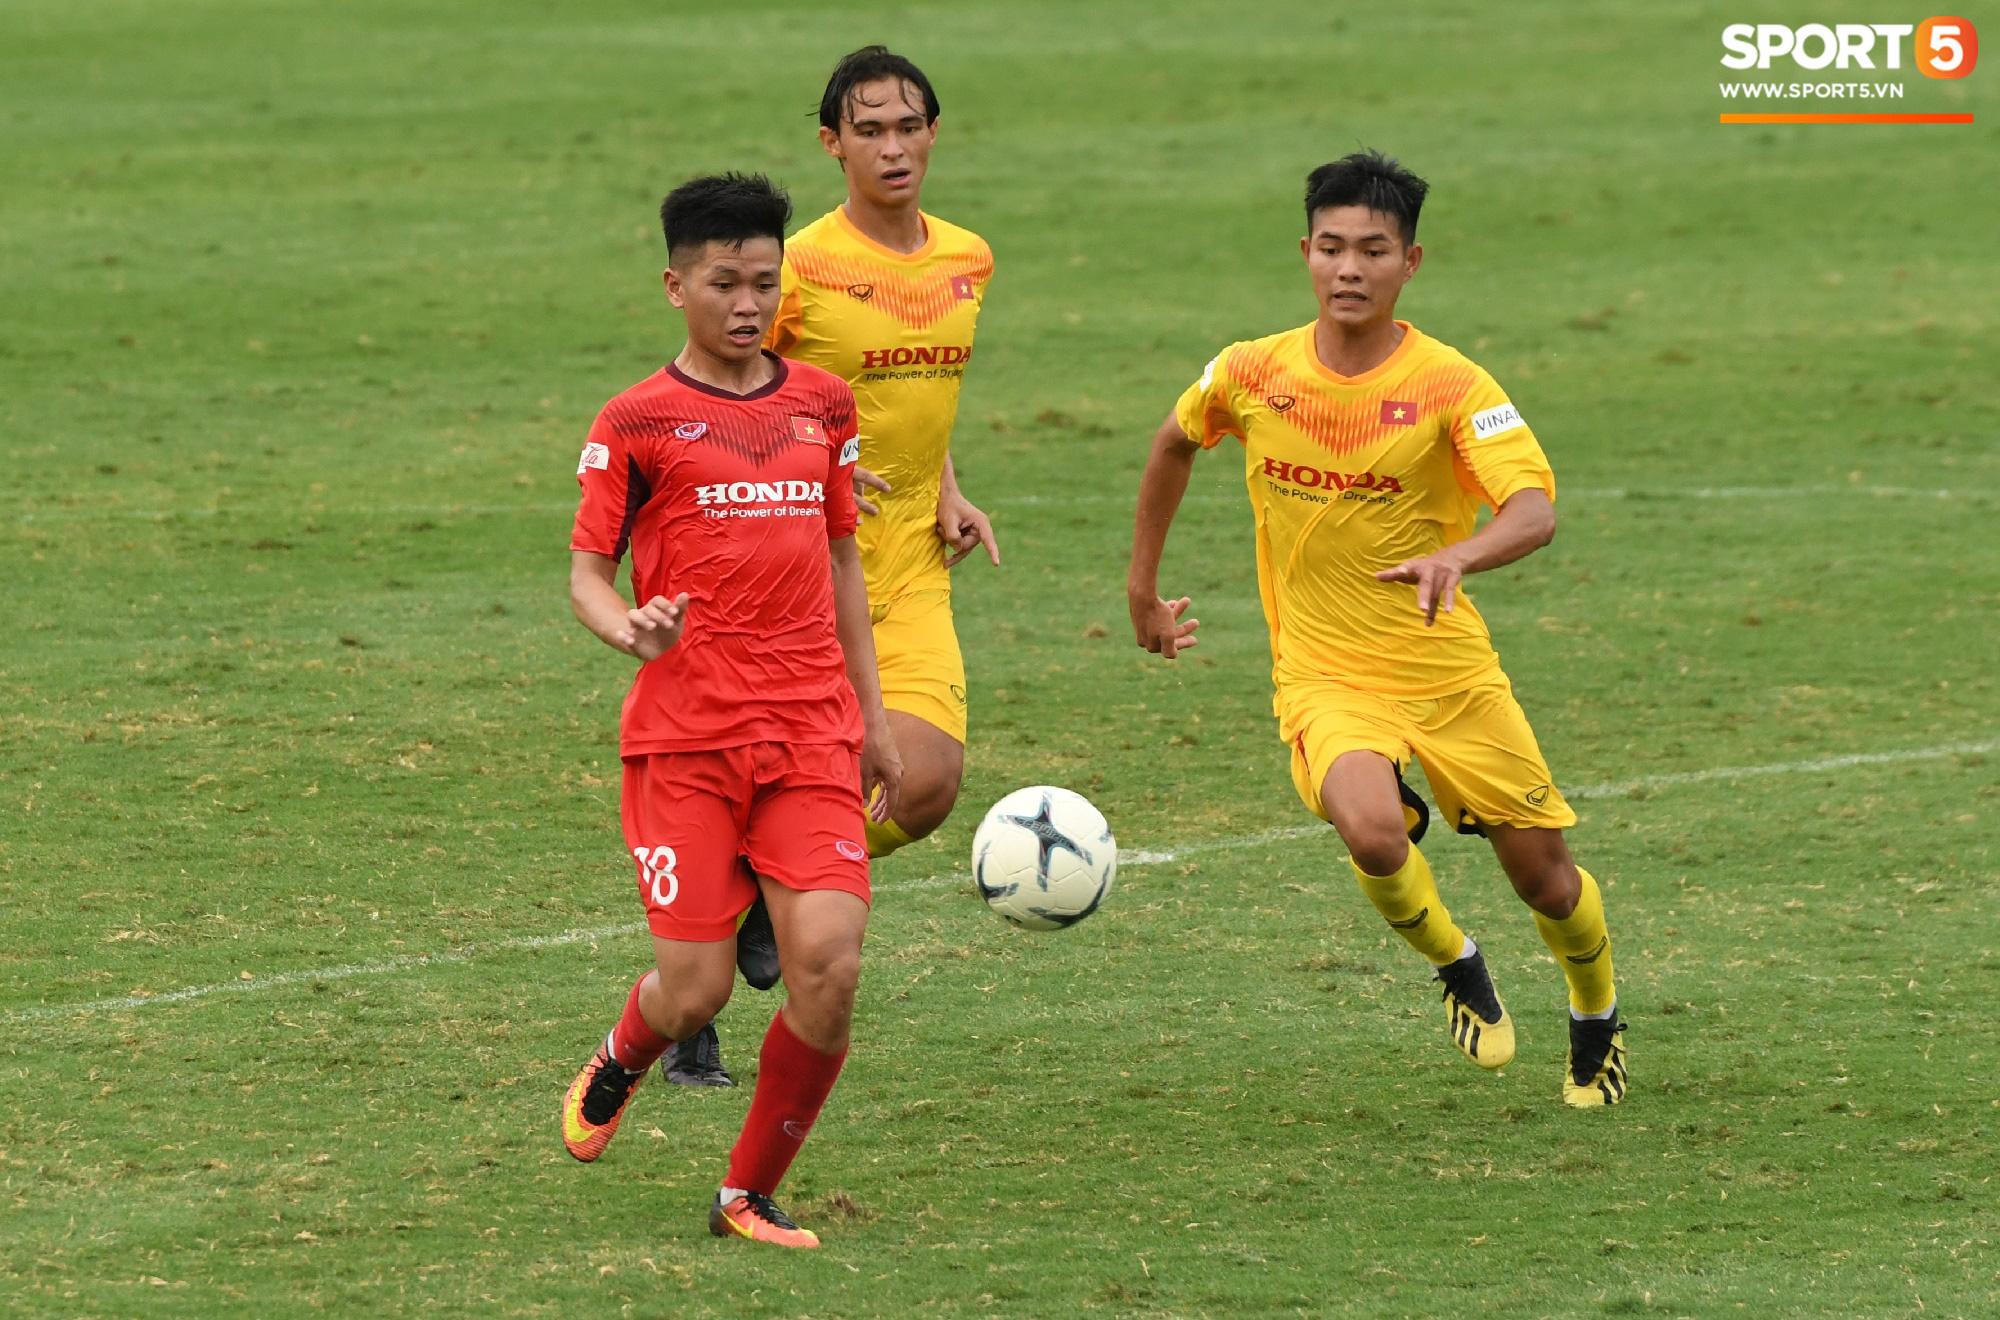 HLV Park Hang-seo dạy cho cầu thủ U22 Việt Nam bài học về cách lắng nghe, dặn dò đầy tâm huyết trước khi chia tay: Các bạn phải nỗ lực gấp đôi người khác  - Ảnh 16.